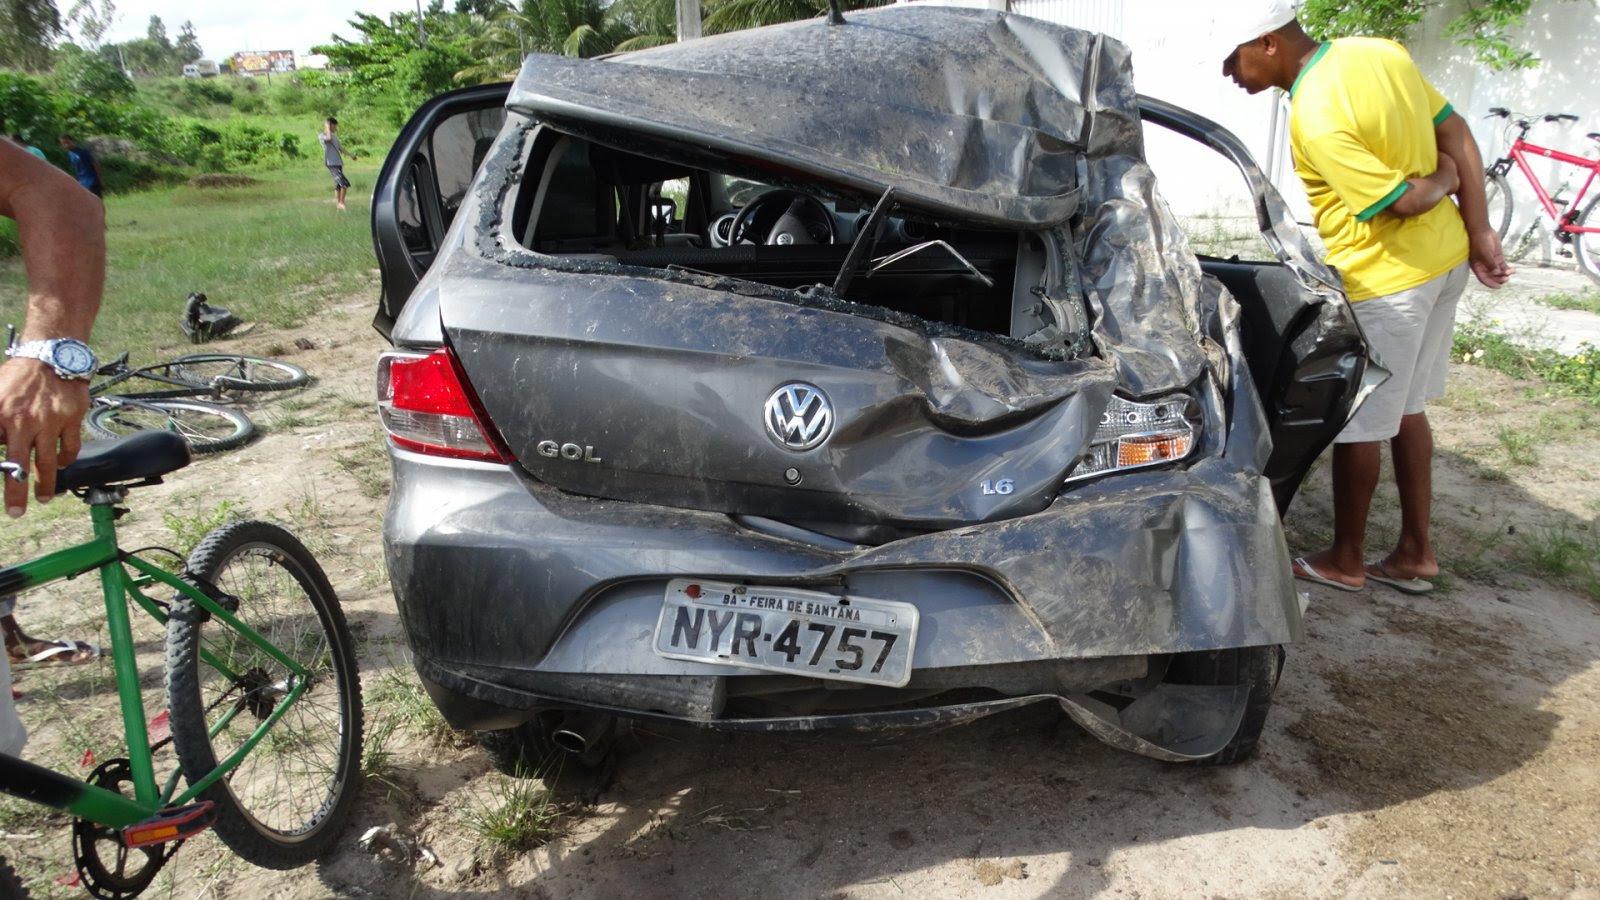 Estudante morre em acidente de carro na BR-116 Norte, em Feira de Santana